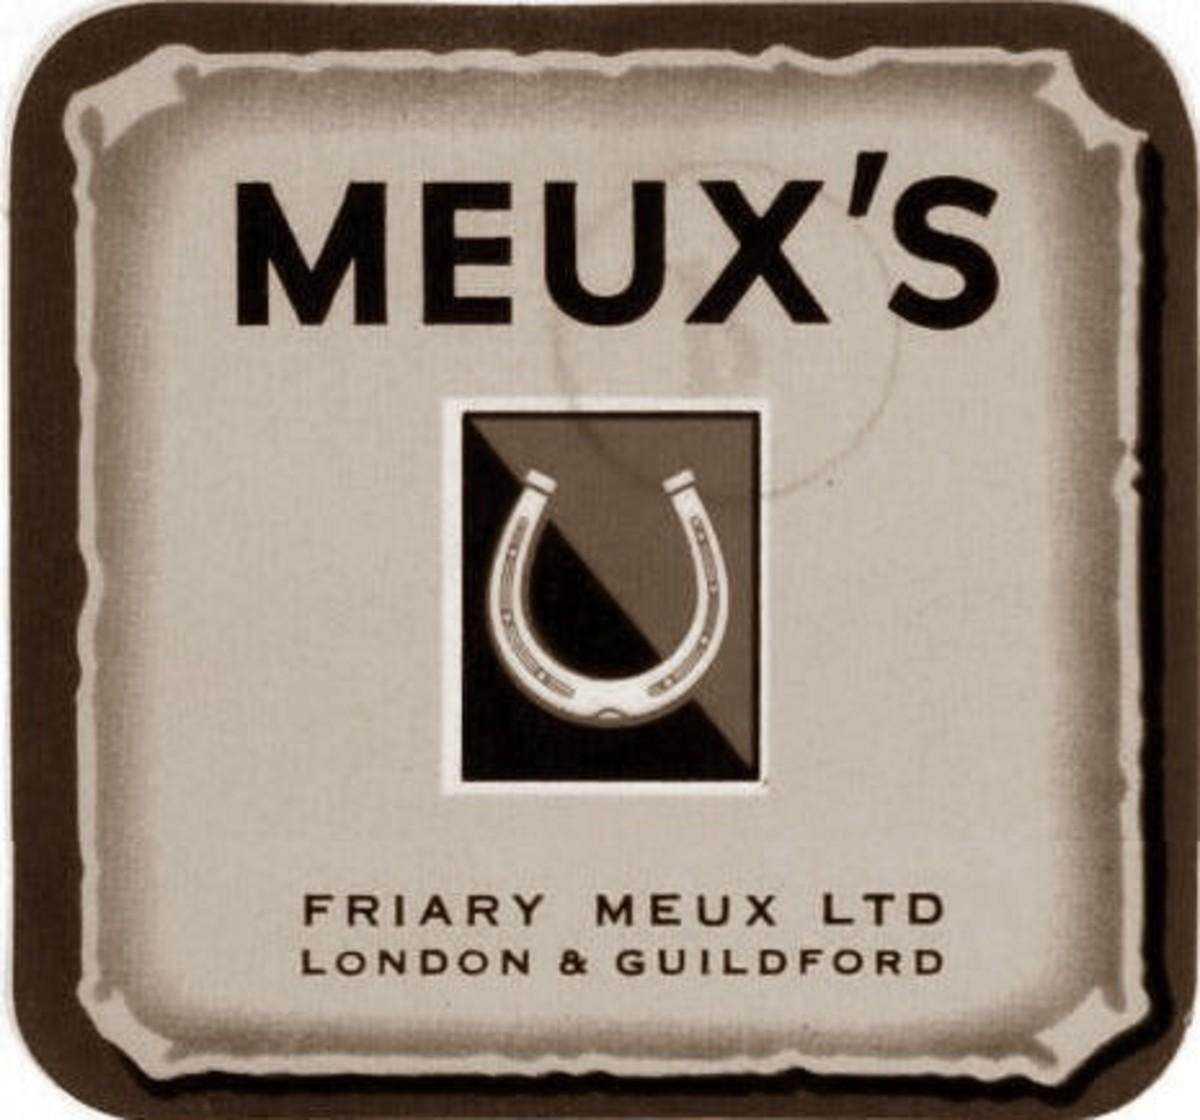 Meux's horse shoe logo.